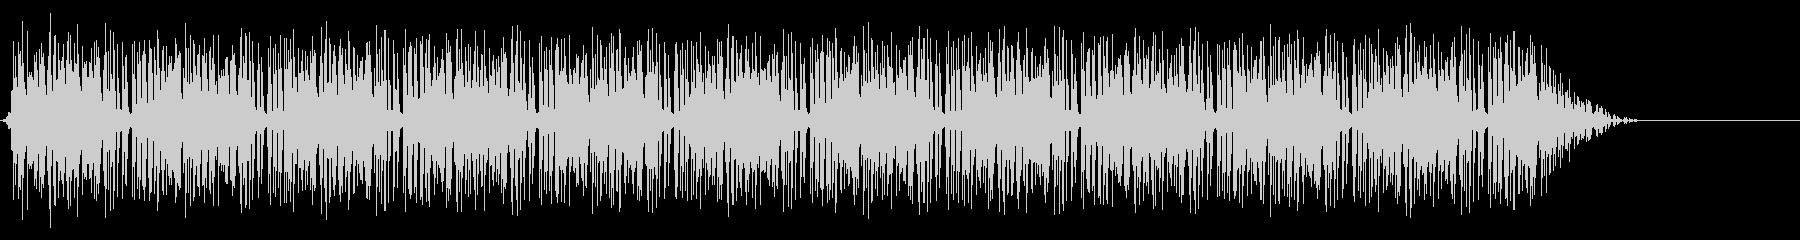 パチンコ リーチ音(ノーマル)レトロ 2の未再生の波形